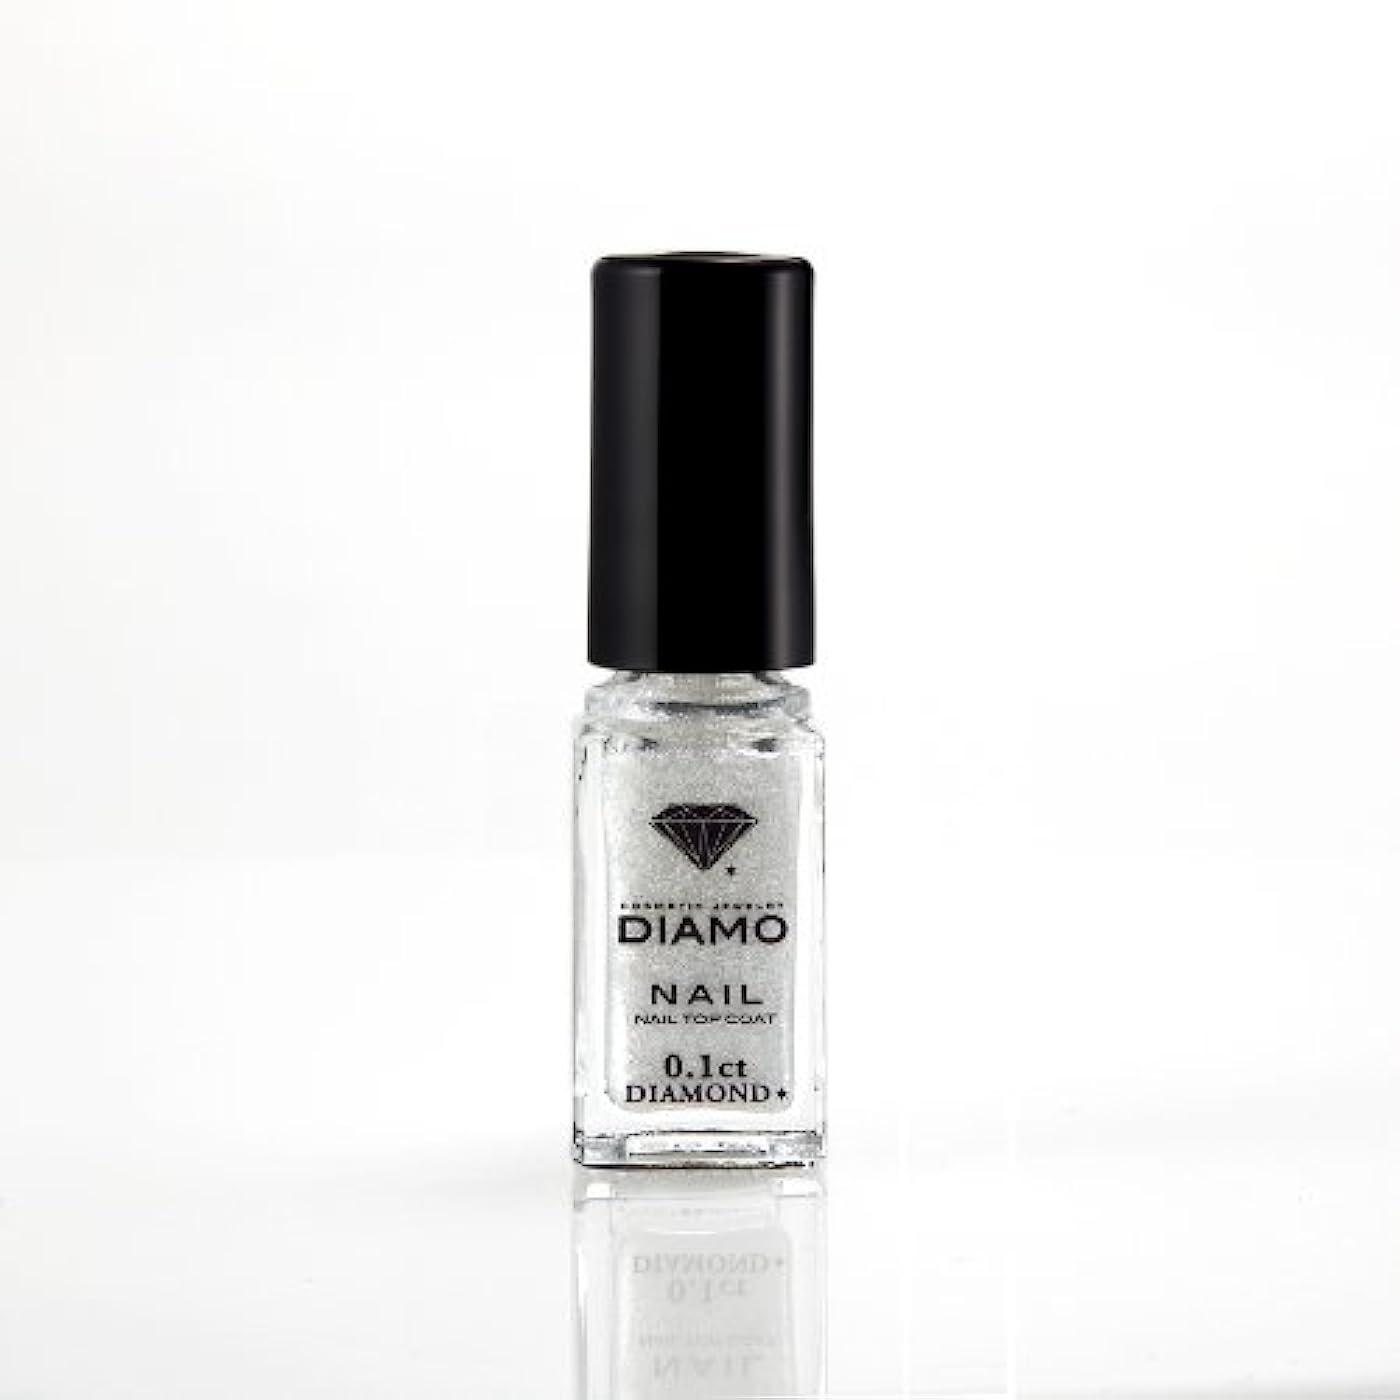 ビン叫ぶ重要DIAMO NAIL TOP COAT ディアモ ネイル トップコート0.1ct 天然ダイヤモンド粉末入り5ml